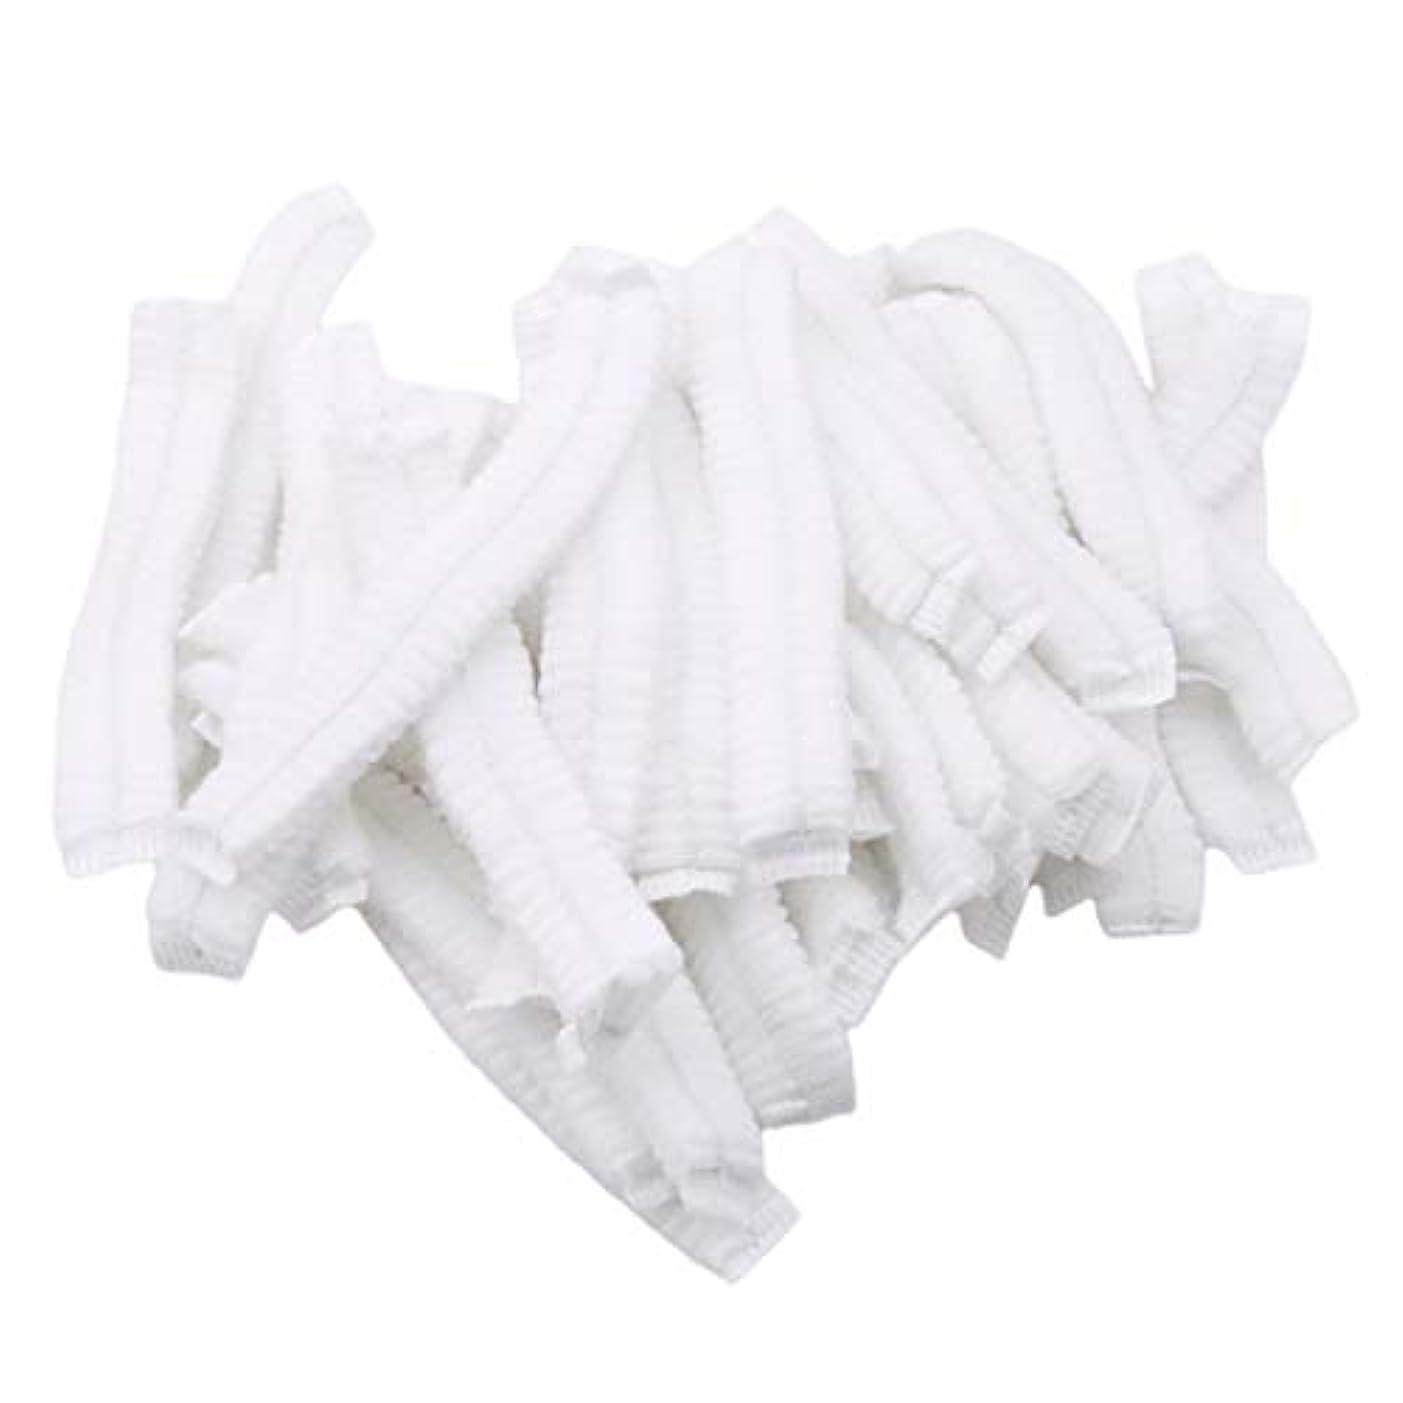 キャベツ文契約GOMYIE 病院サロンスパダイニングとほこりのない作業エリア用の使い捨て不織布ふわふわ帽子ネット100個(白)